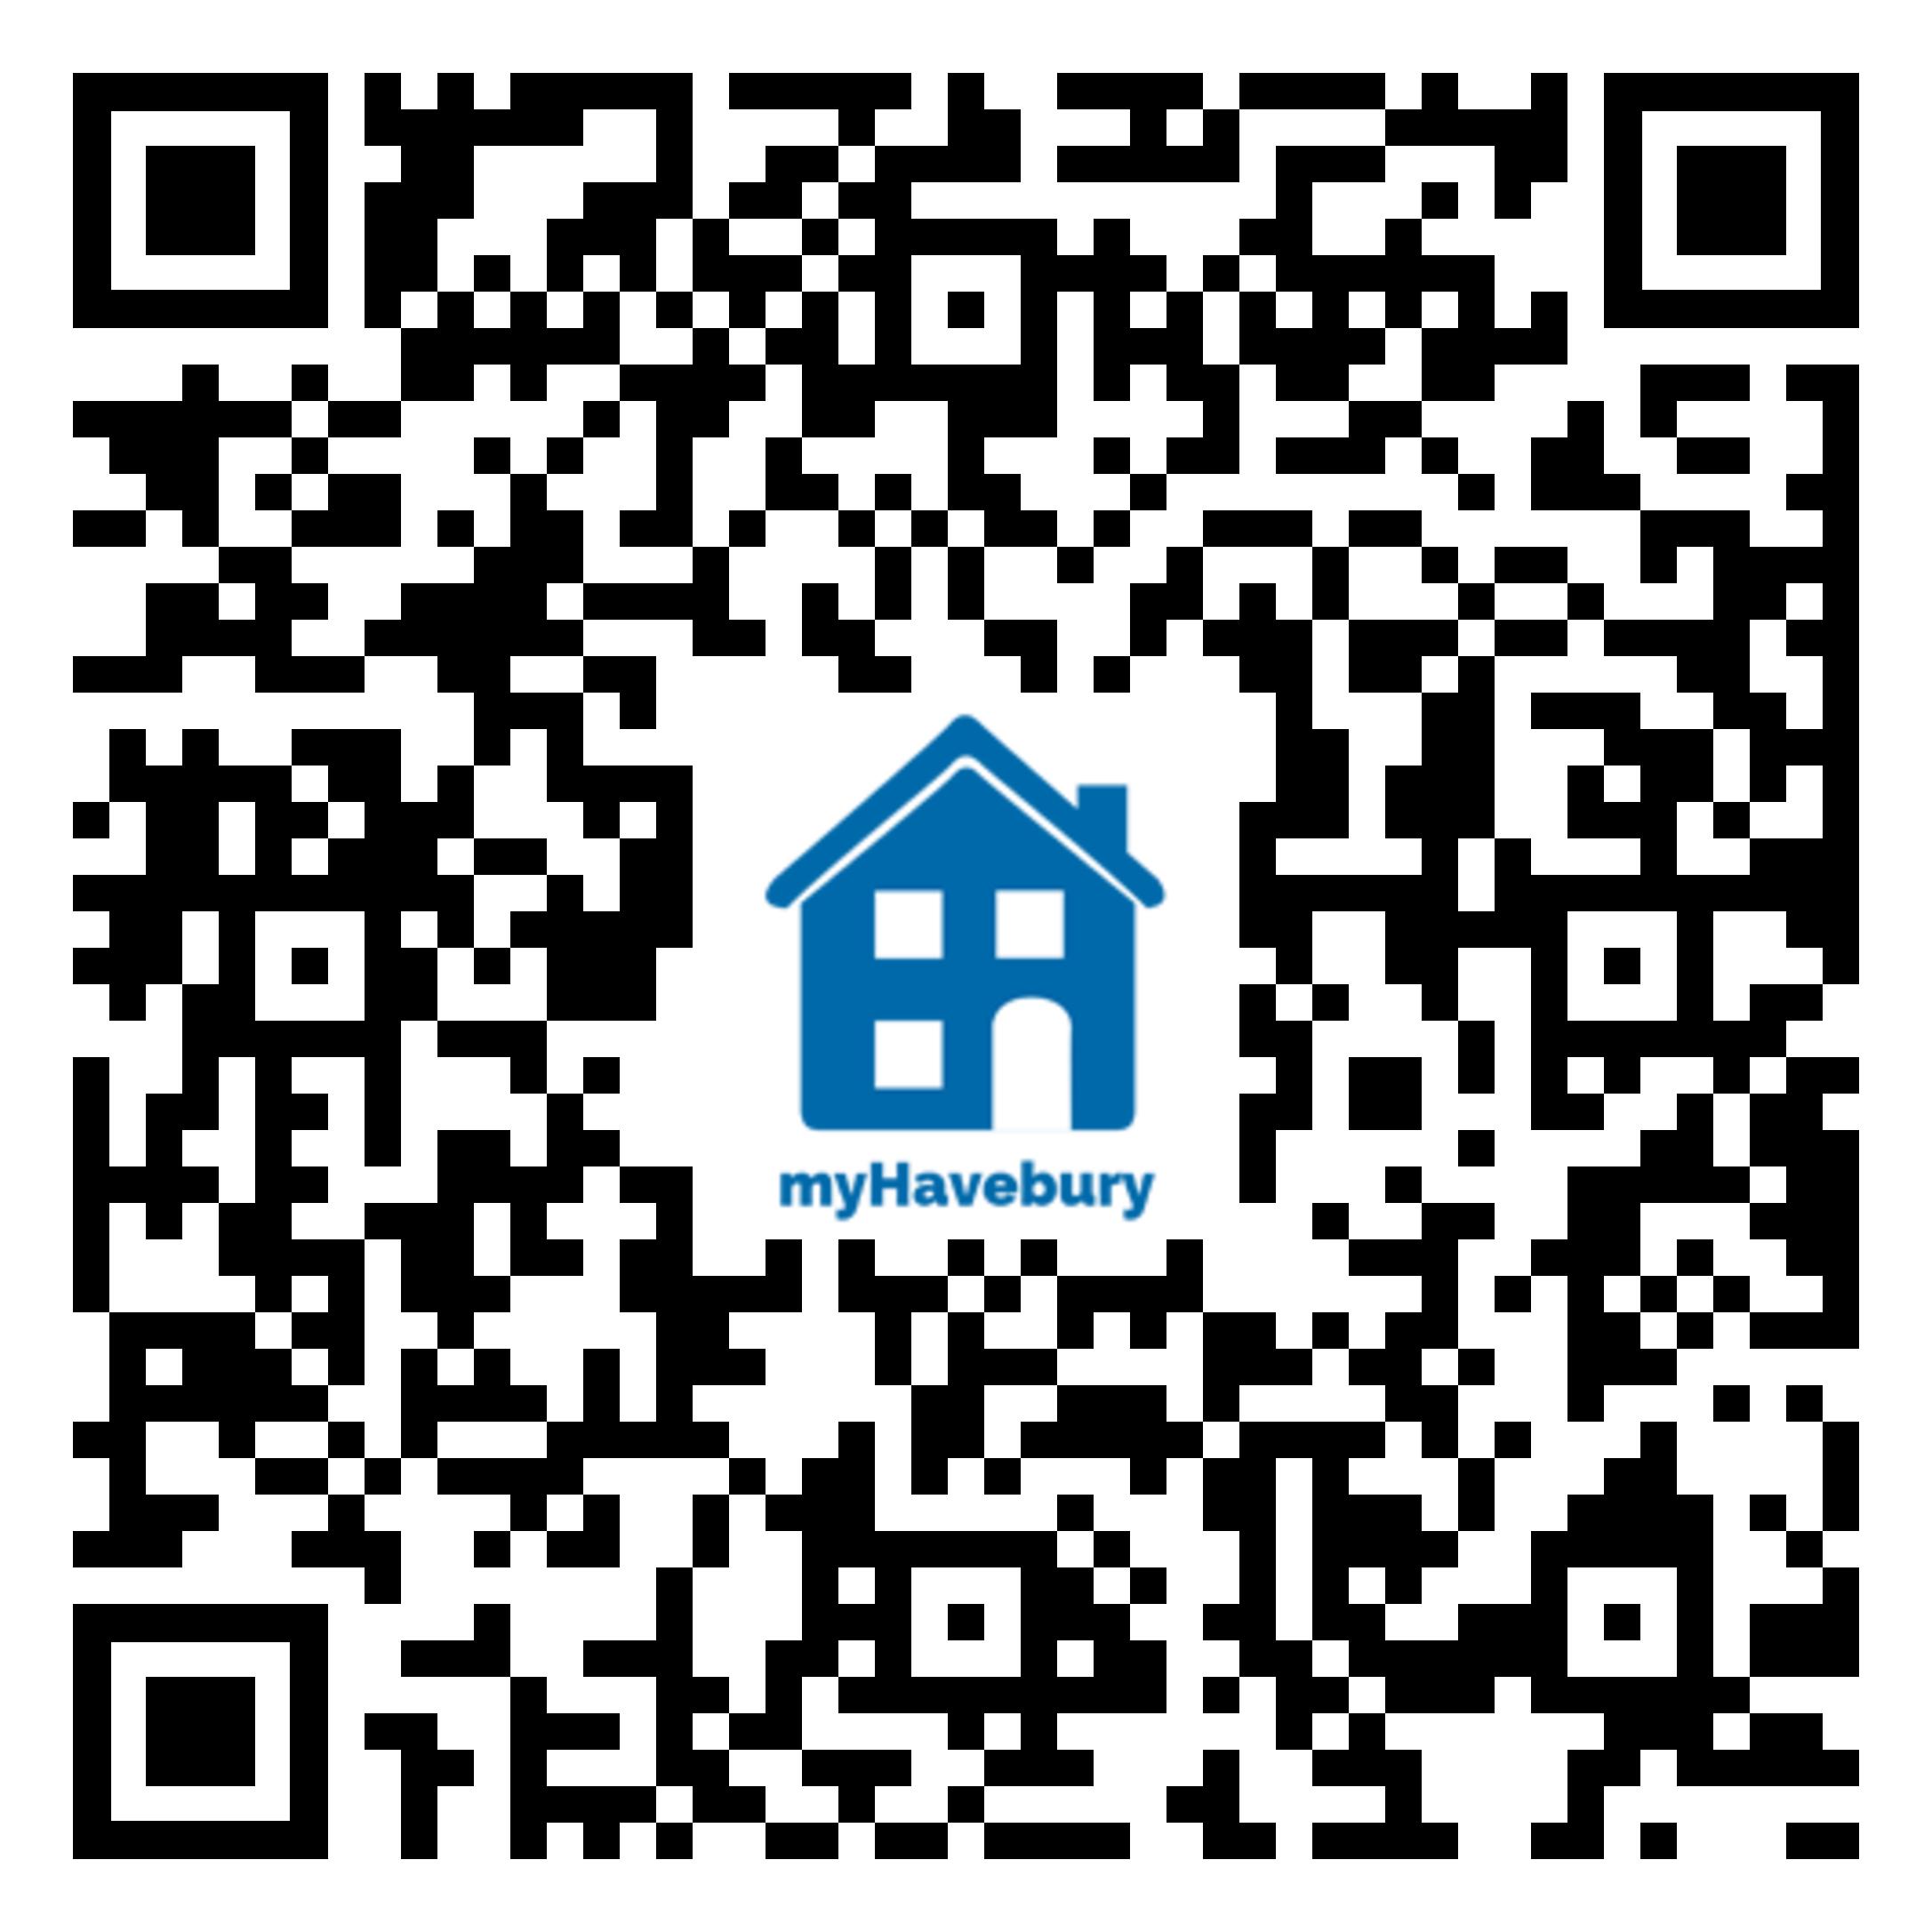 myHavebury - Android app